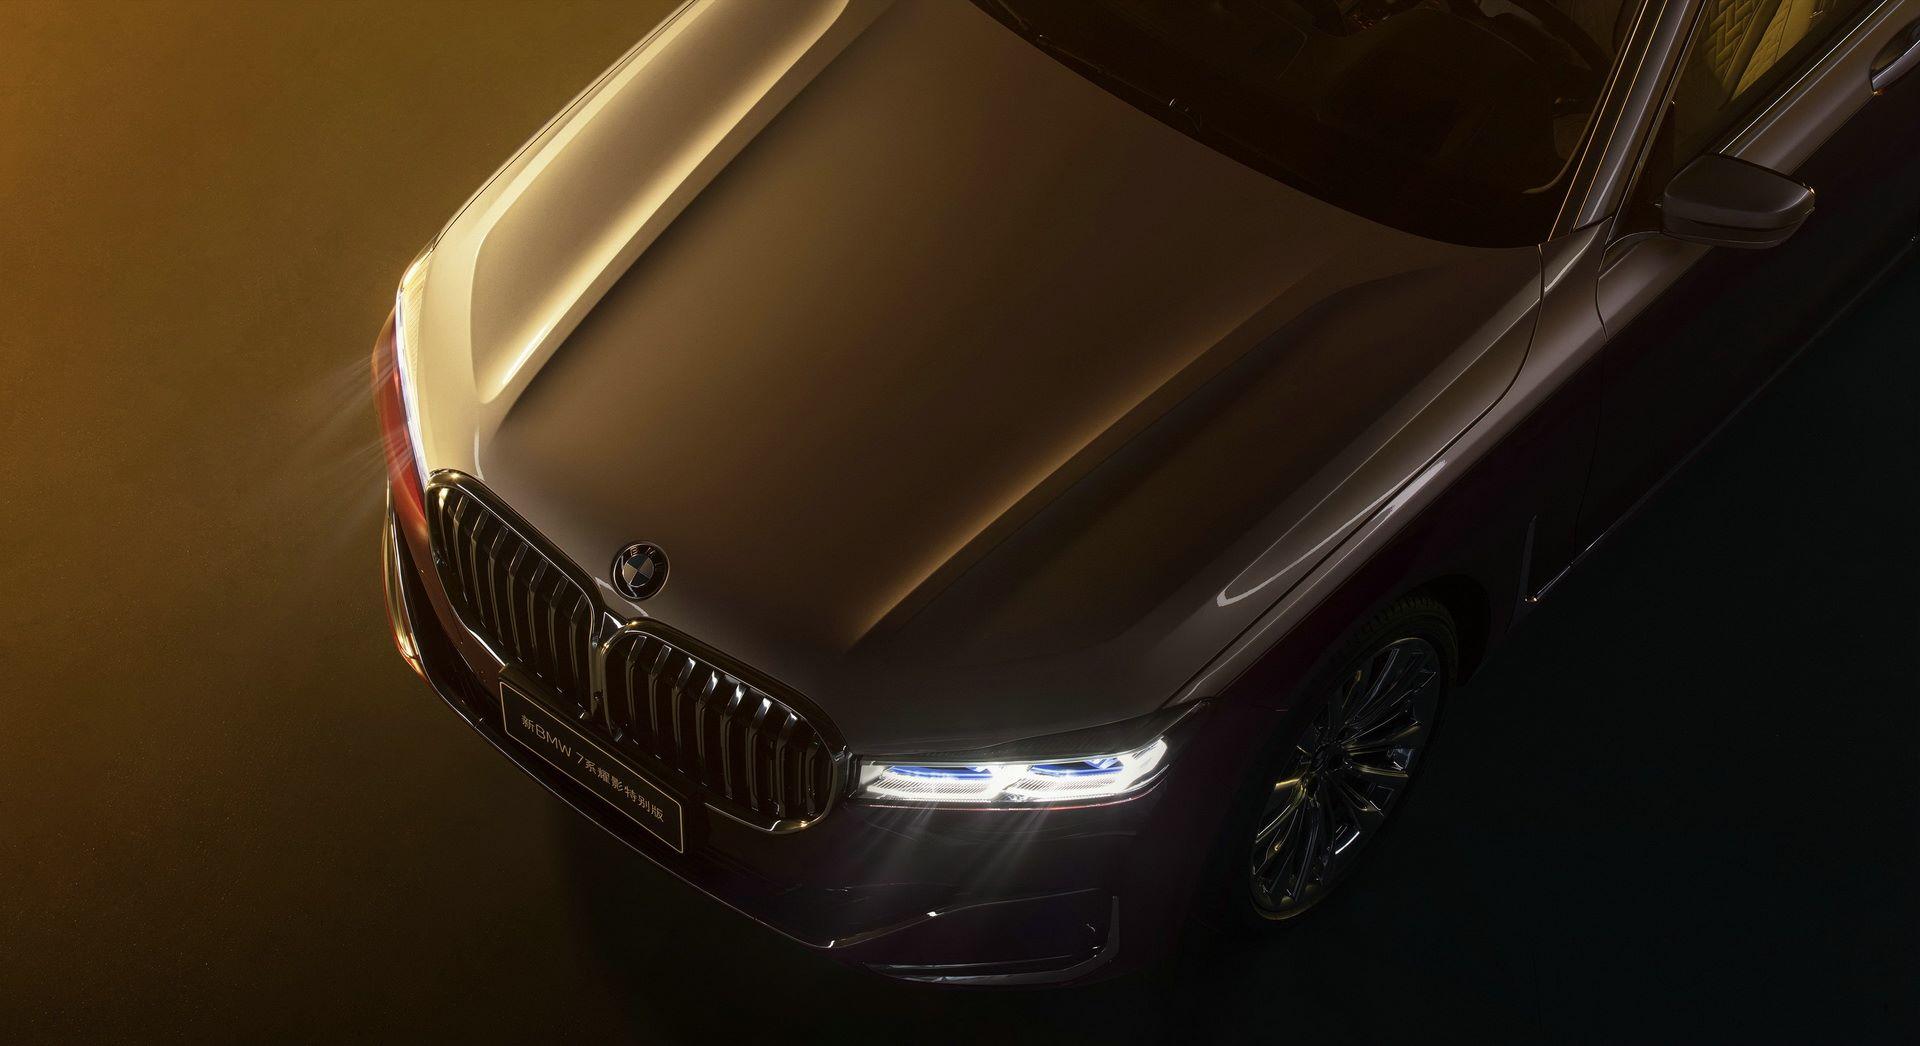 BMW-760Li-Shining-Shadow-Special-Edition-6